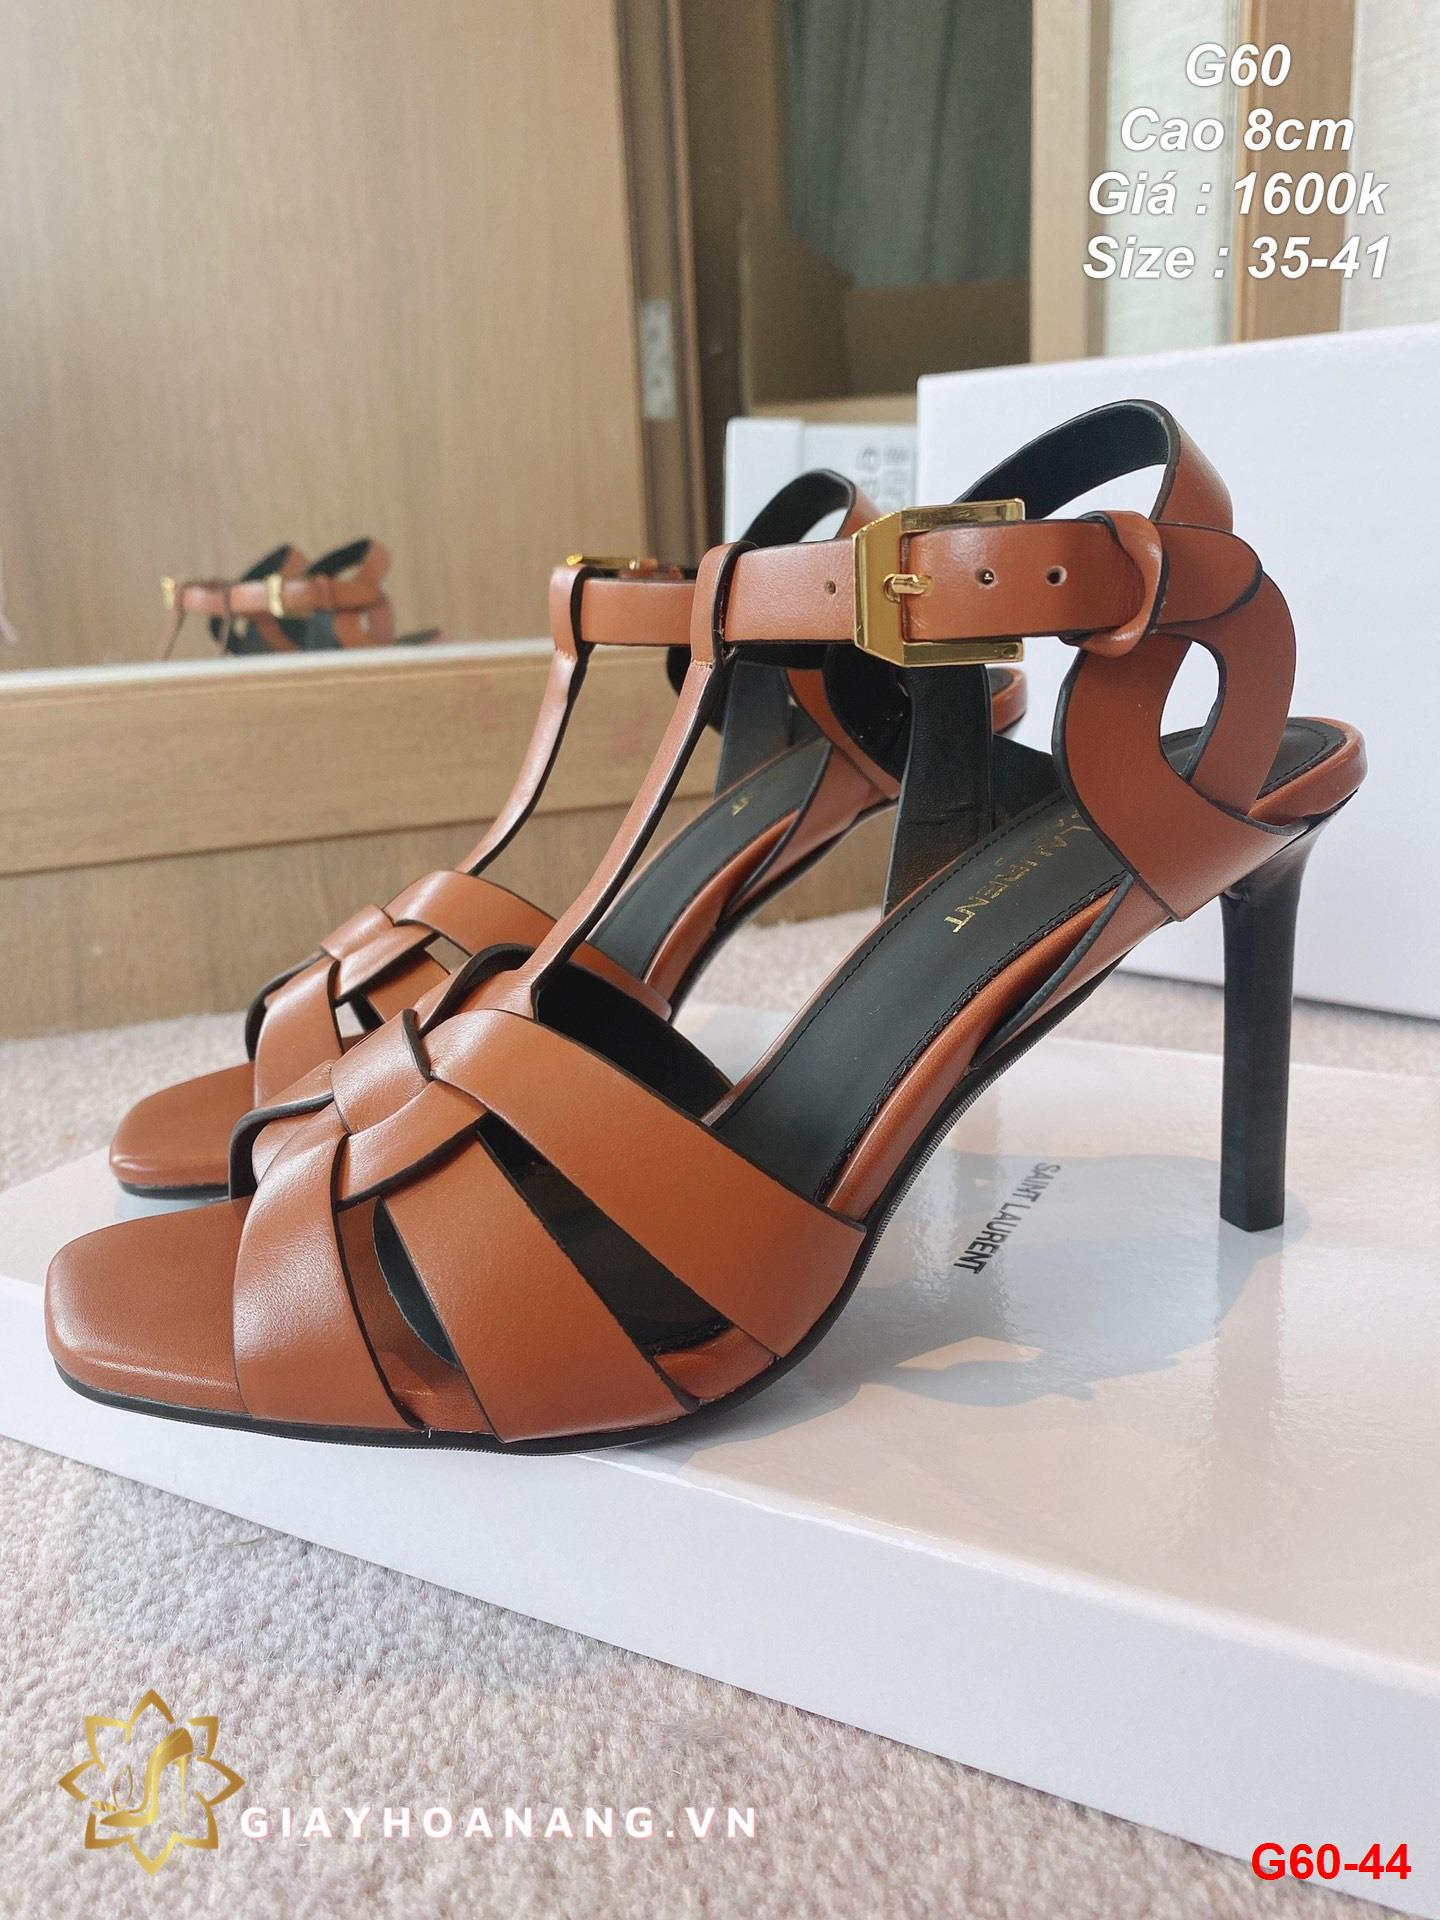 G60-44 Saint Laurent sandal cao 8cm siêu cấp